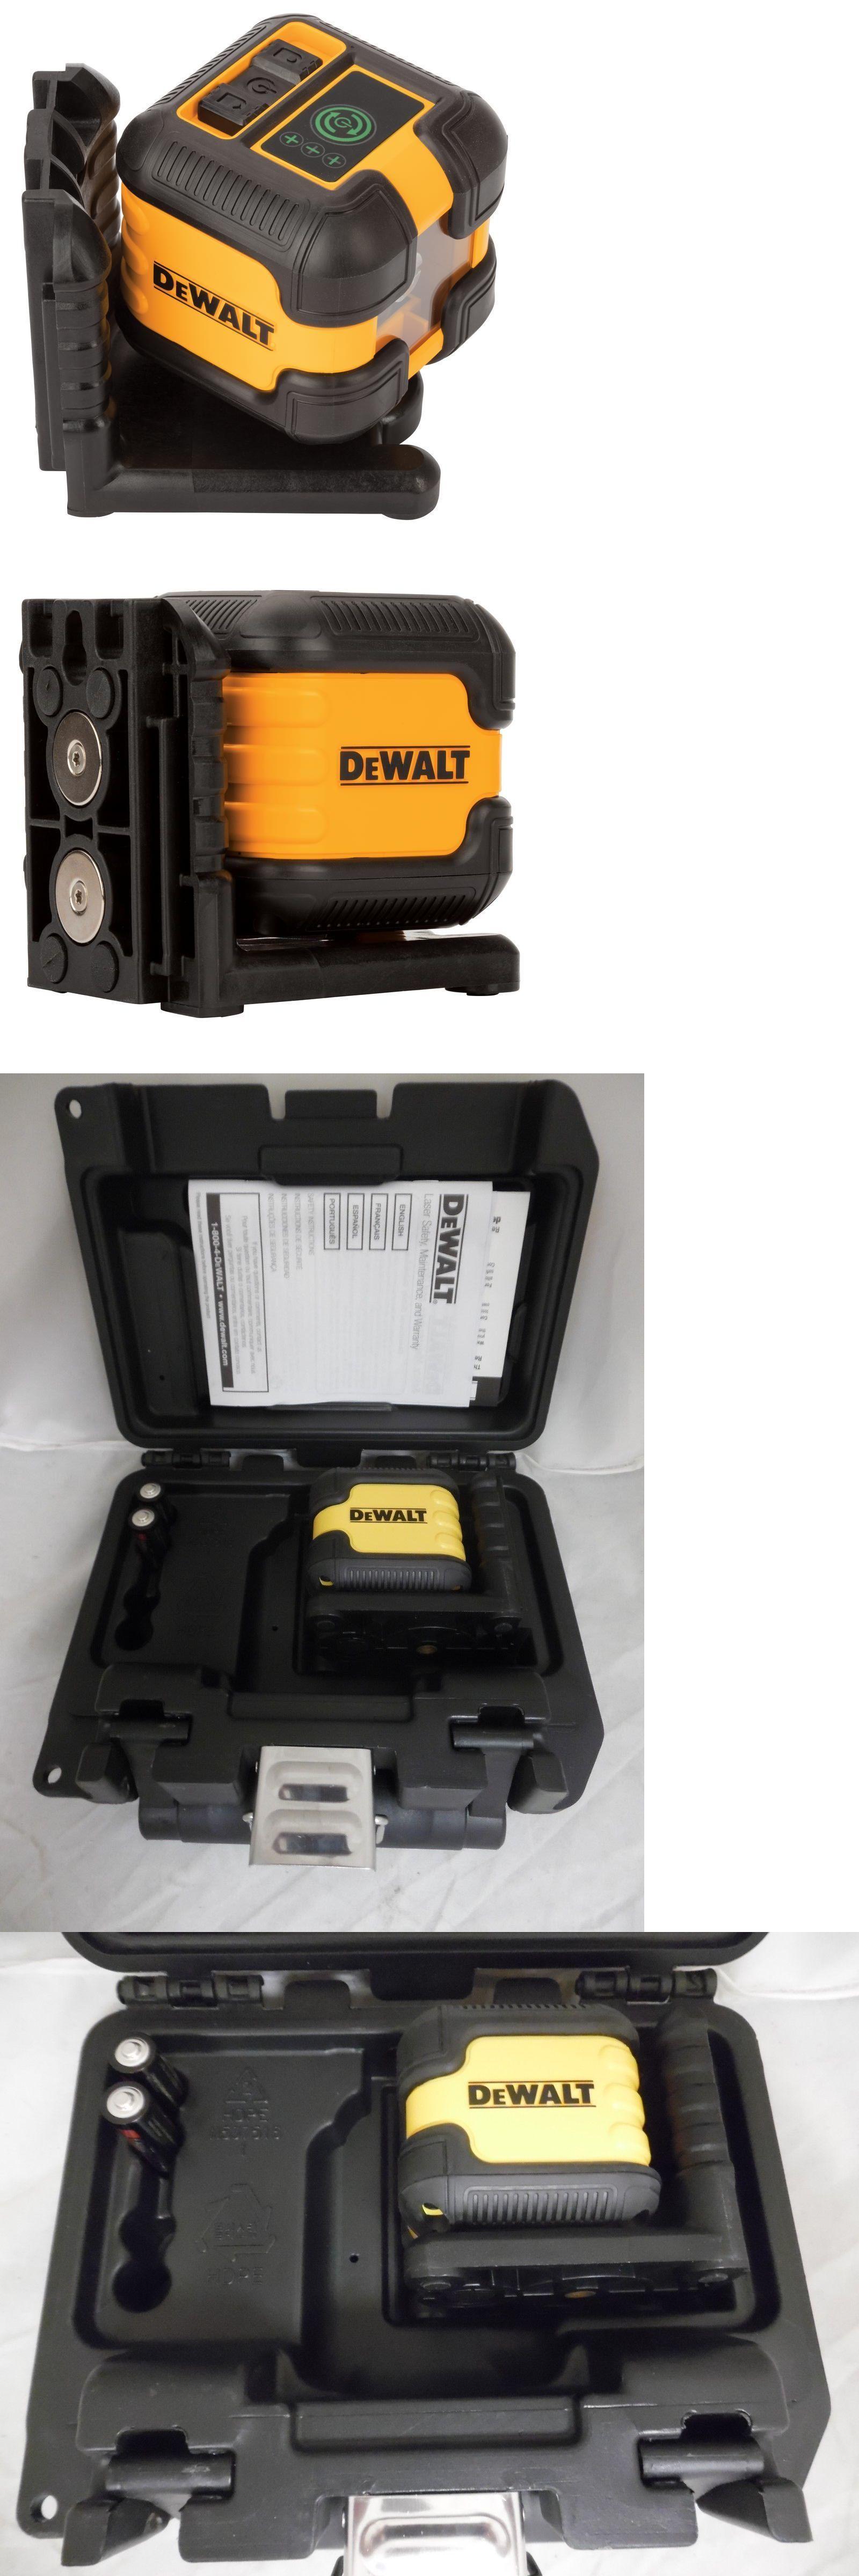 Laser Measuring Tools 126396 Dewalt Dw08802cg Green Cross Line Laser Level Buy It Now Only 89 99 On Ebay Laser Me Laser Levels Electrical Tools Dewalt